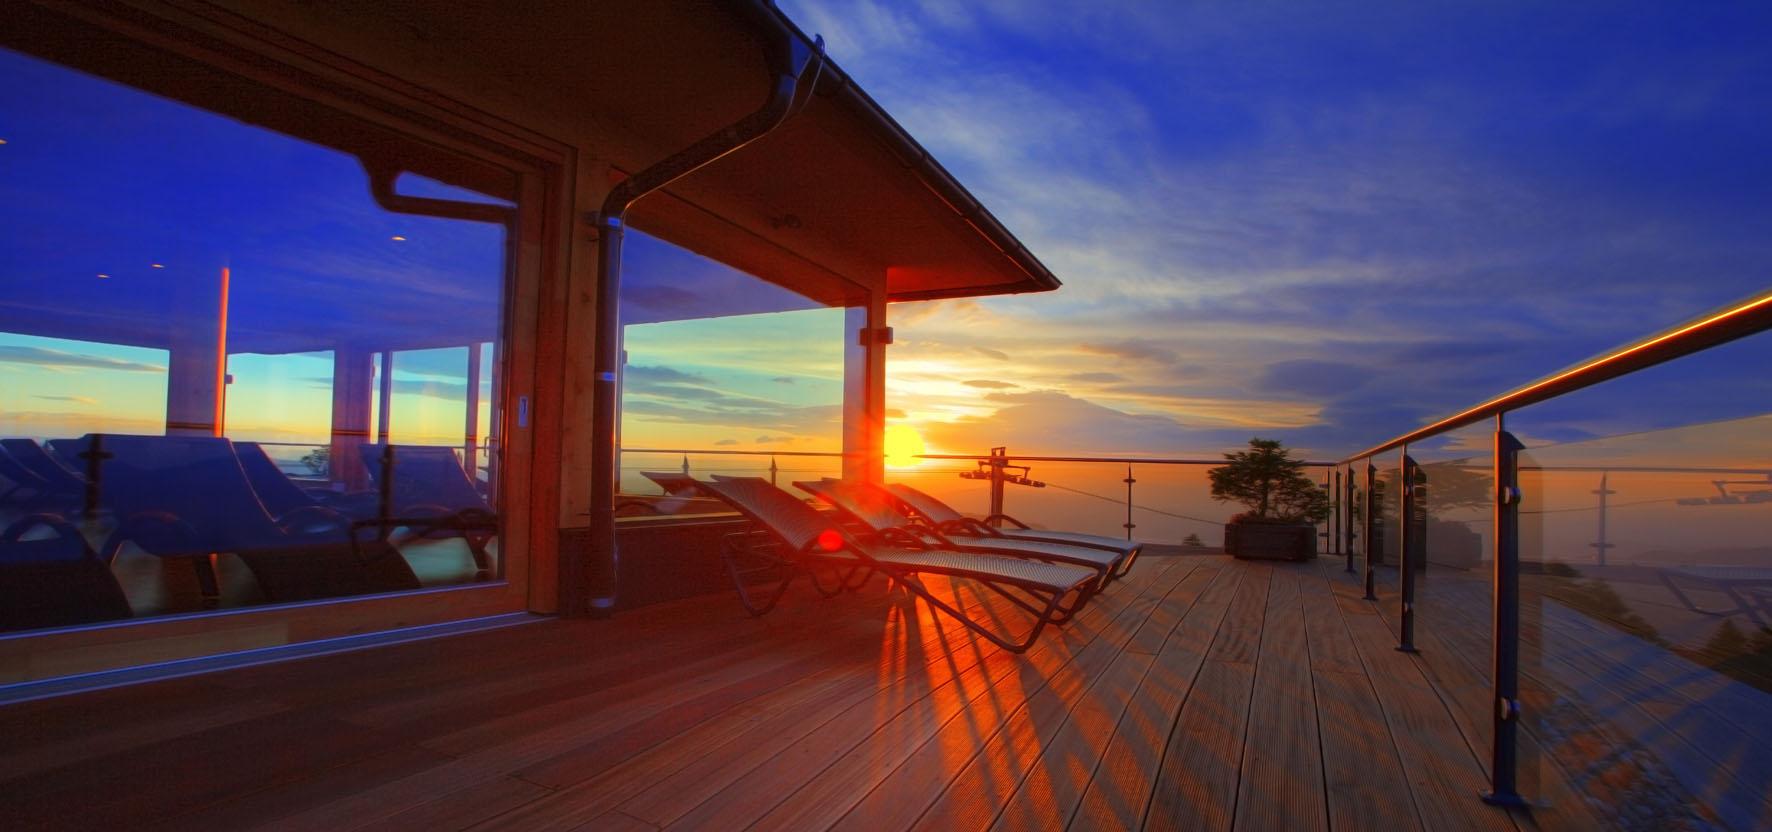 """Einzigartiges Licht begleitetet Ruhe und Meditation im Entspannungsraum """"Wolke 7"""" im Hotel Feuerberg, Foto: Mountain Resort Feuerberg"""